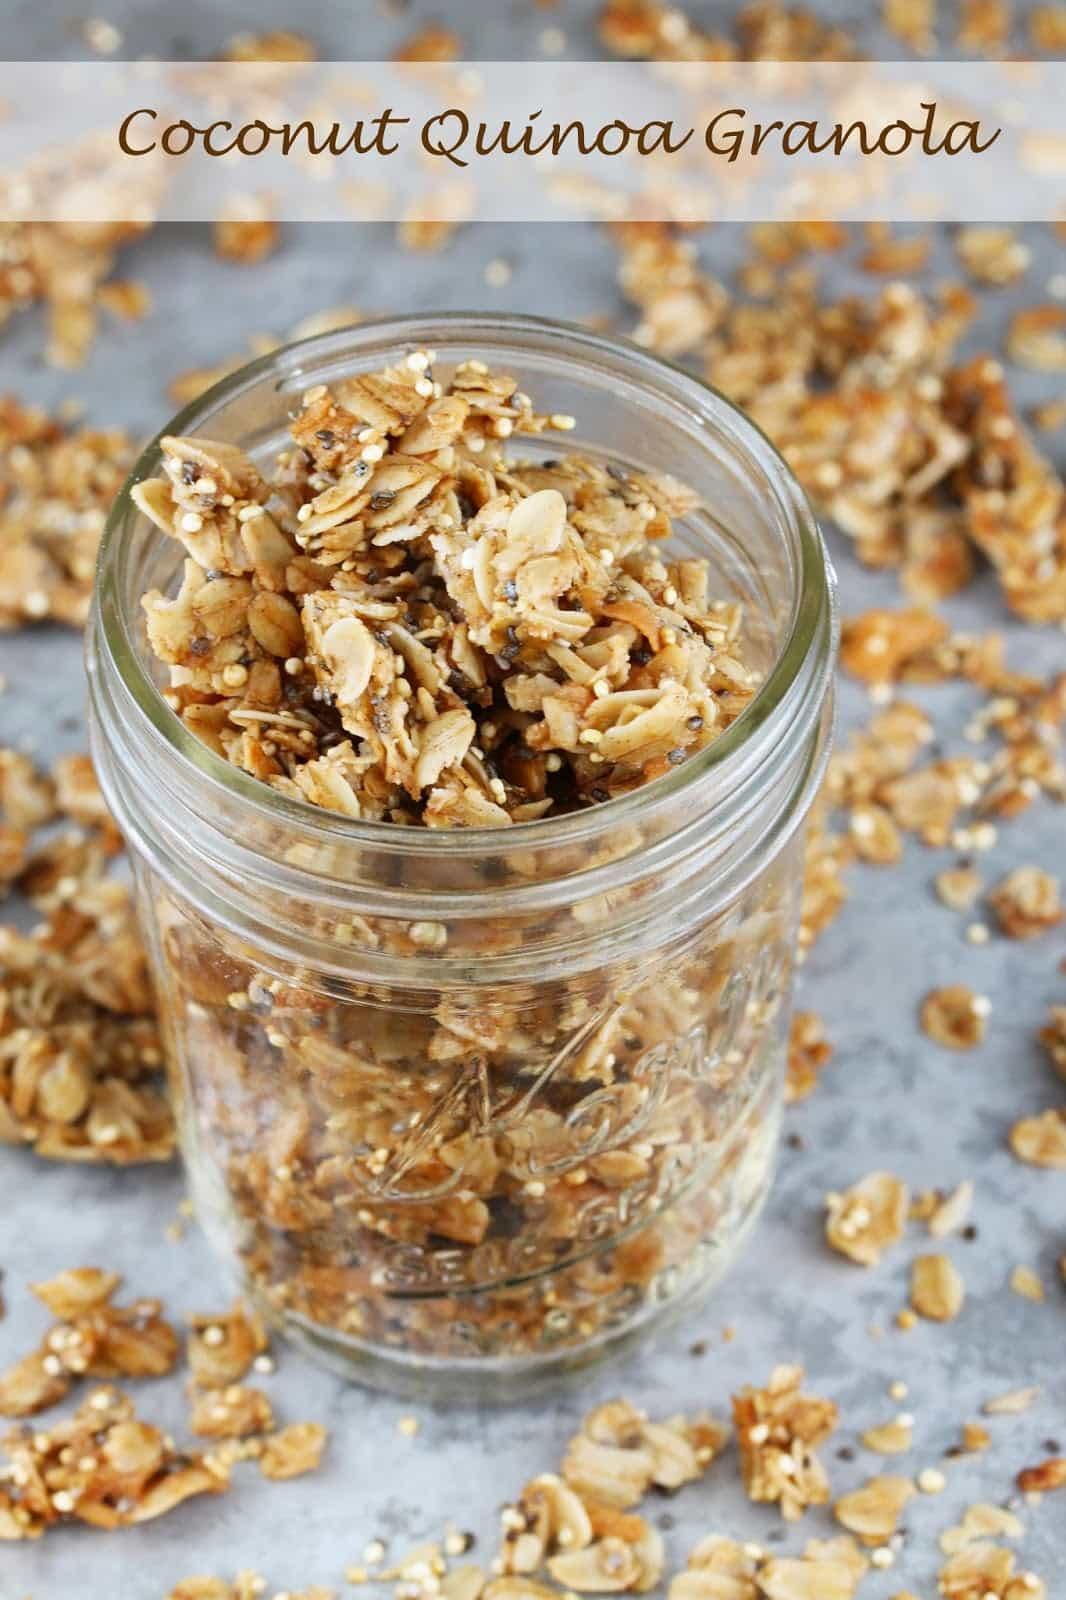 coconut quinoa granola in a glass jar